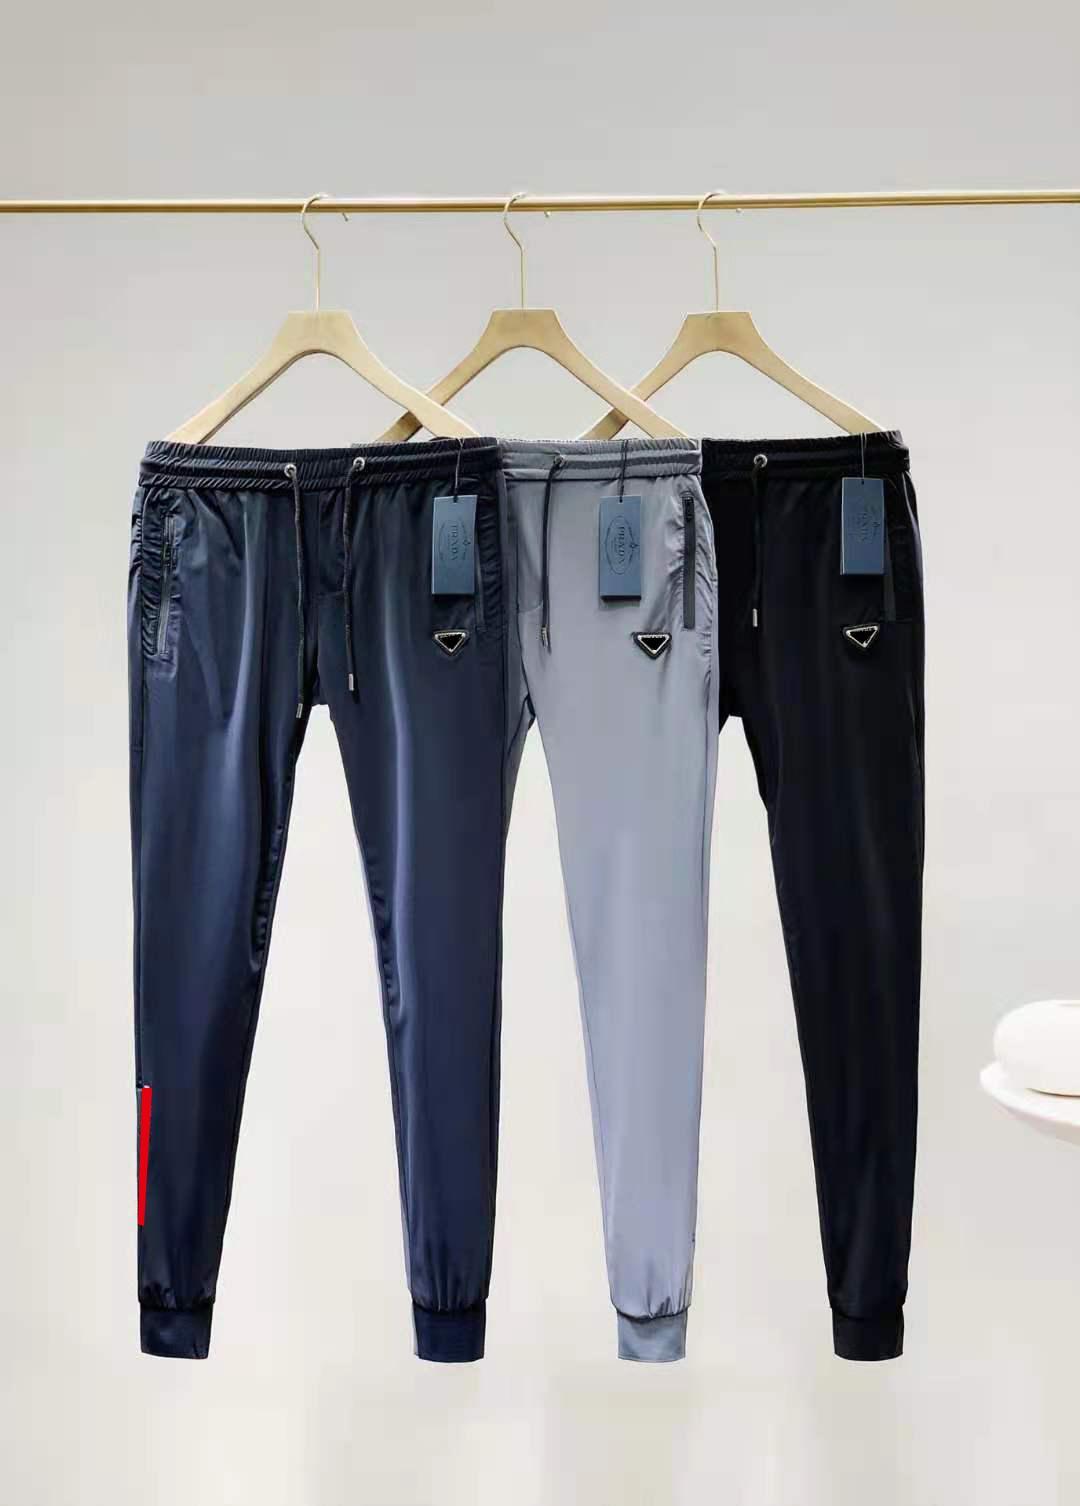 Erkek parça pantolon yaz plaj trouse erkekler kadınlar için unisex harf baskılı çizgili dış giyim sokak firmaları kazak pantolon İpli ayarlamak M-2XL